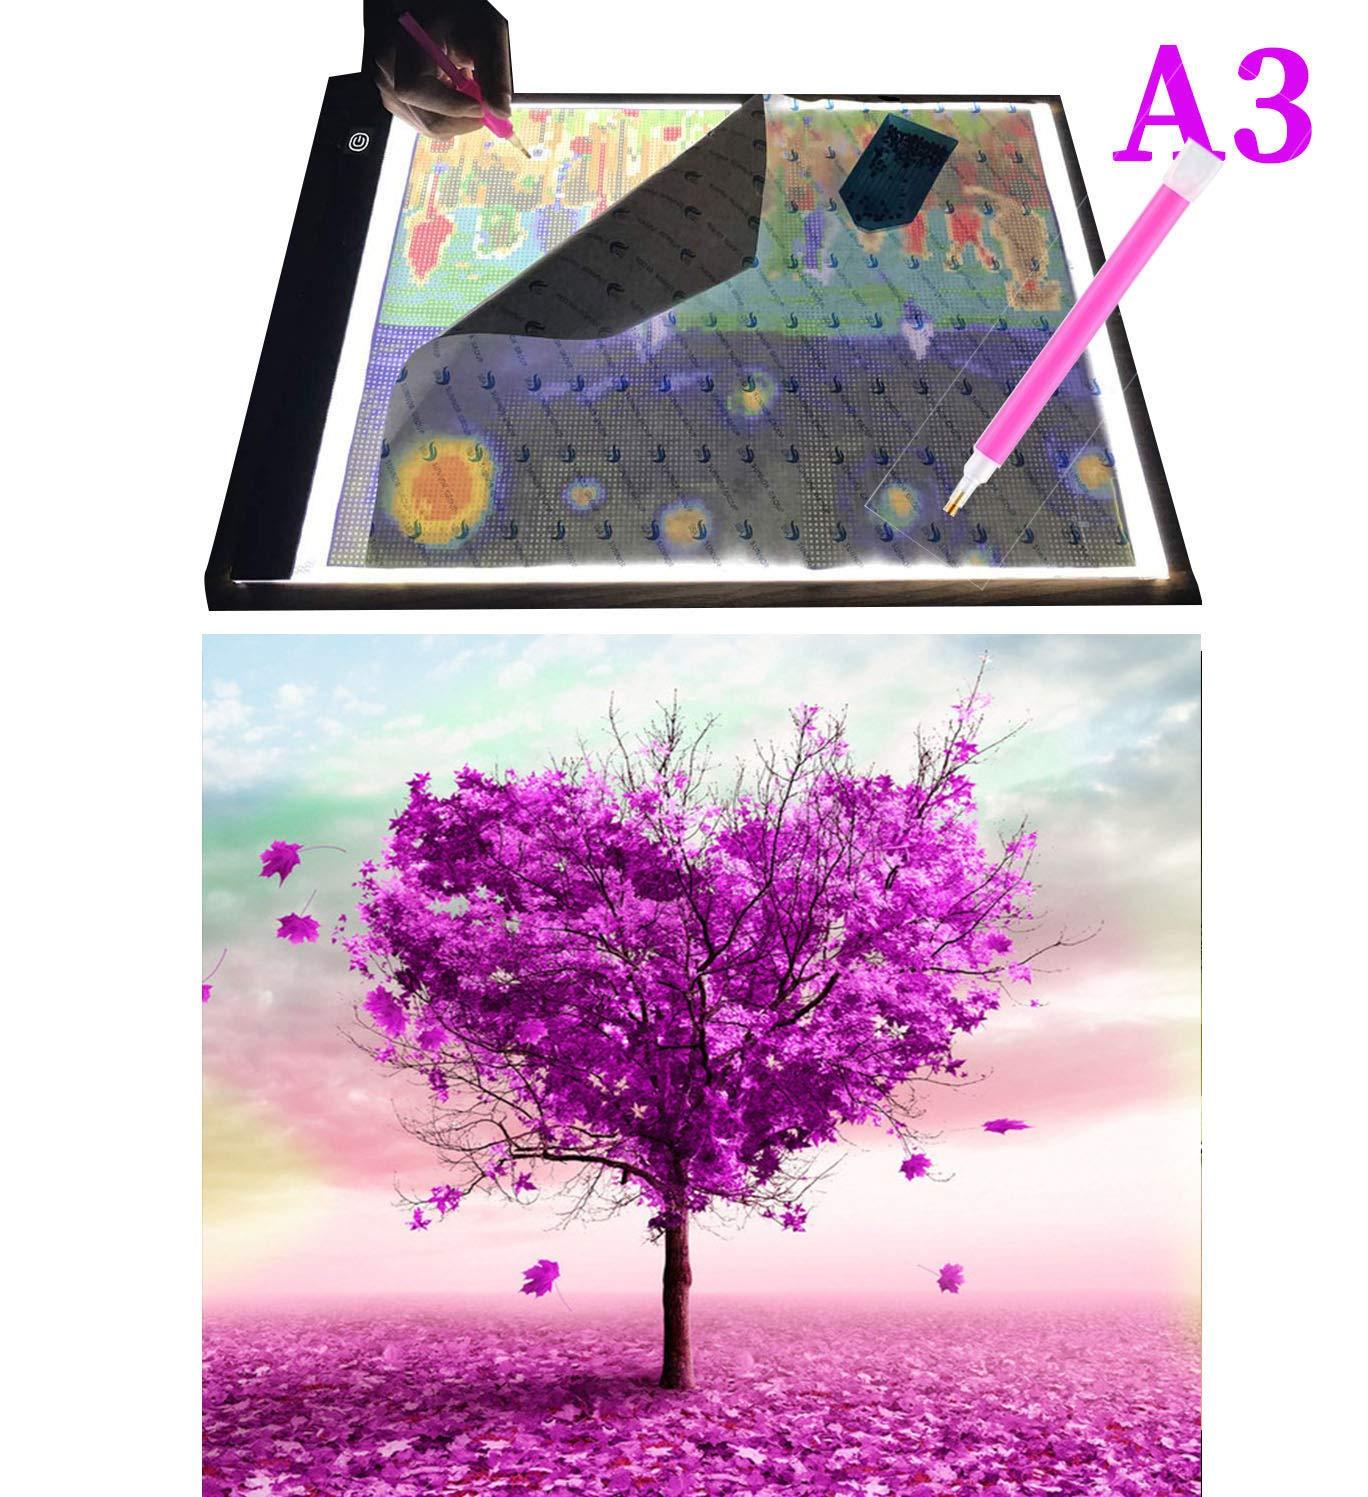 Drawing Sketching DIY Diamond Painting Diamond Painting Tool Set Diamond Embroidery Sorting Box 22Pieces Diamond Painting Tool Including A3 LED Light Pad